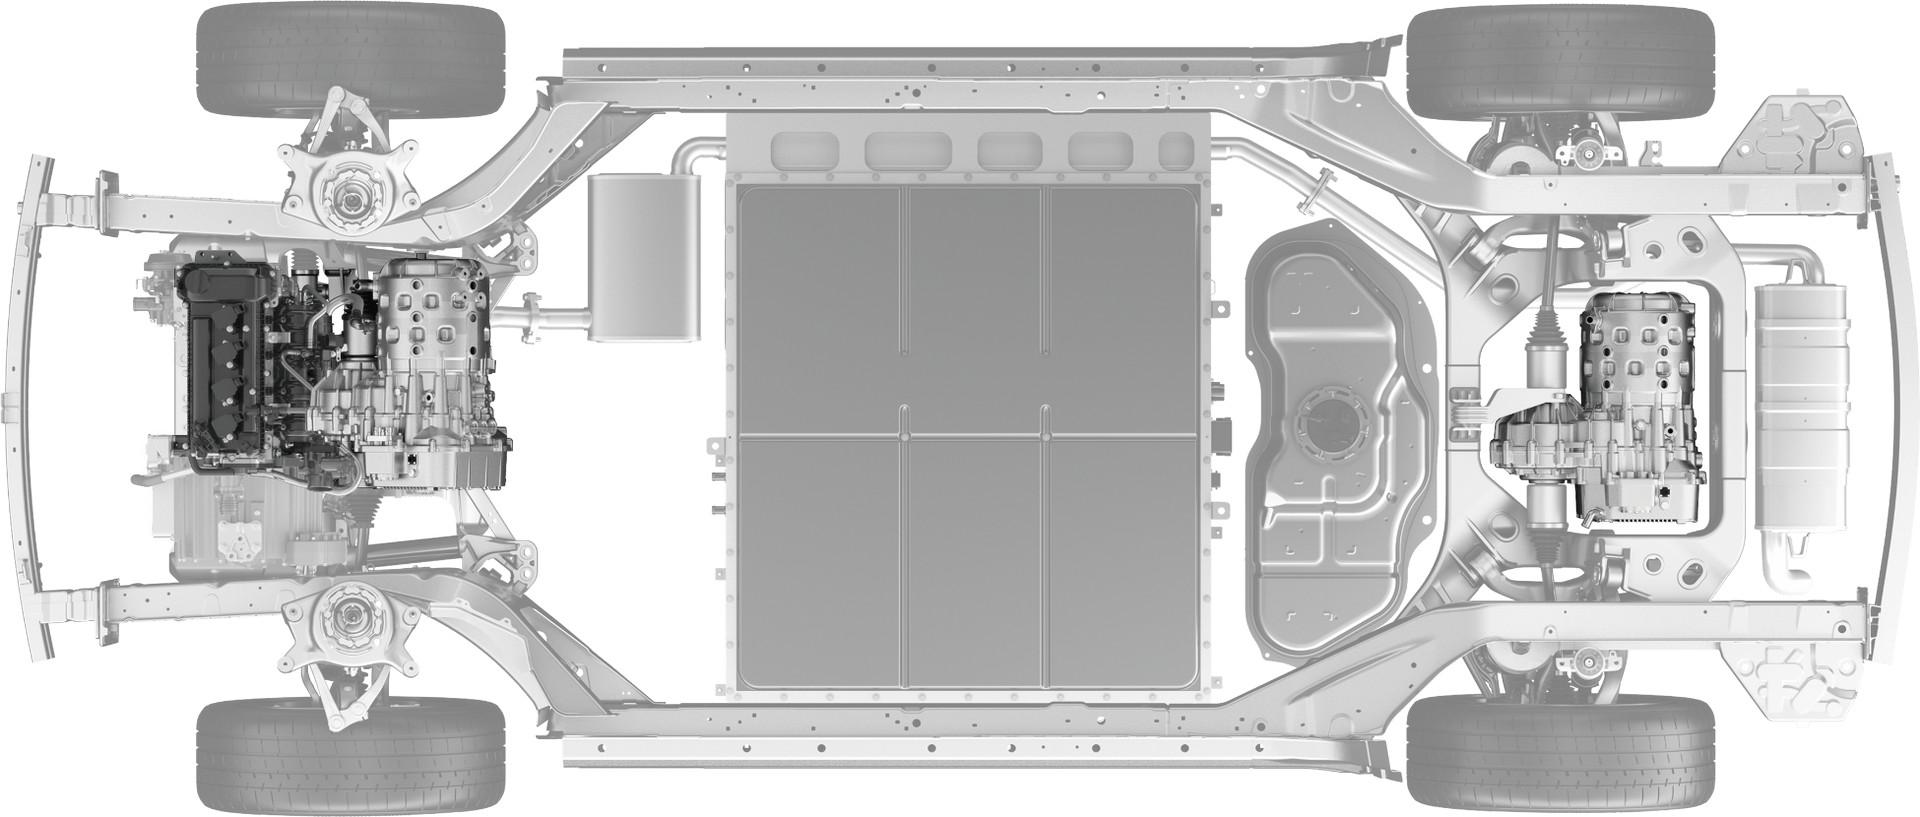 Huawei-SF5-26